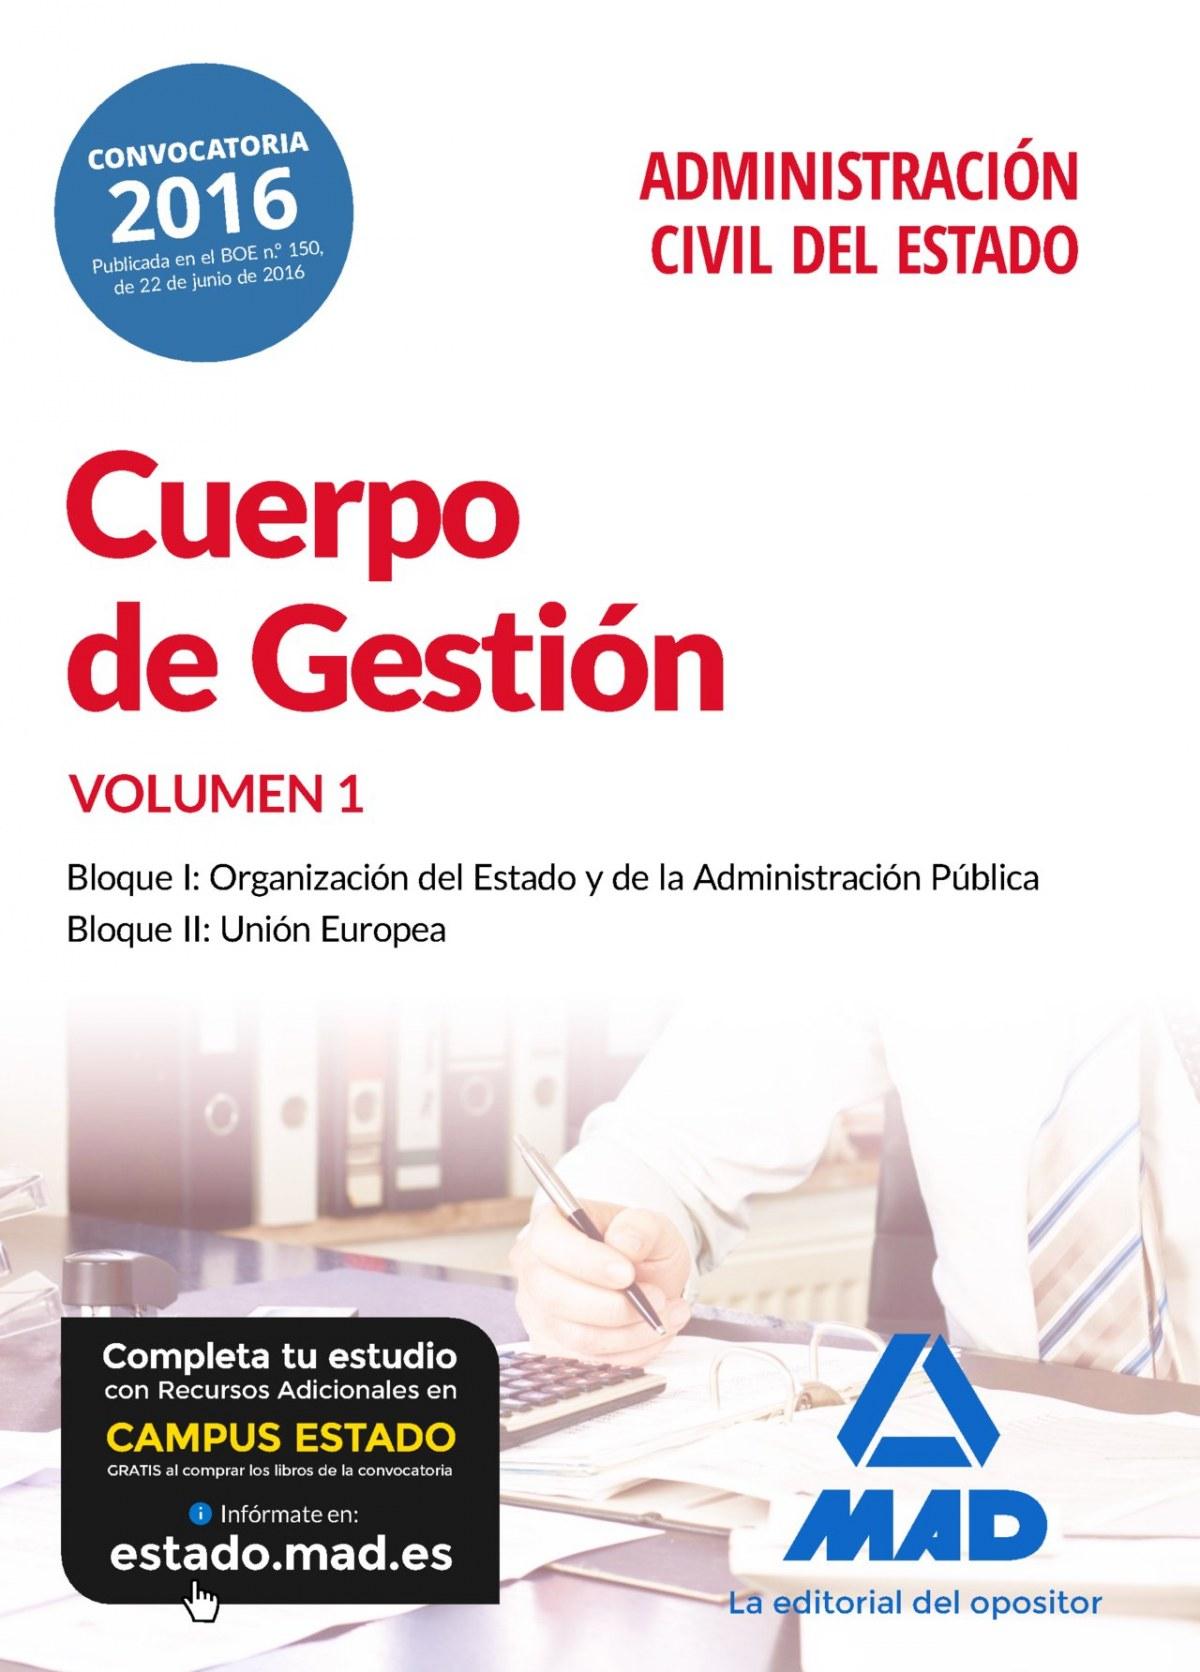 CUERPO DE GESTIÓN DE LA ADMINISTRACIÓN CIVIL DEL ESTADO